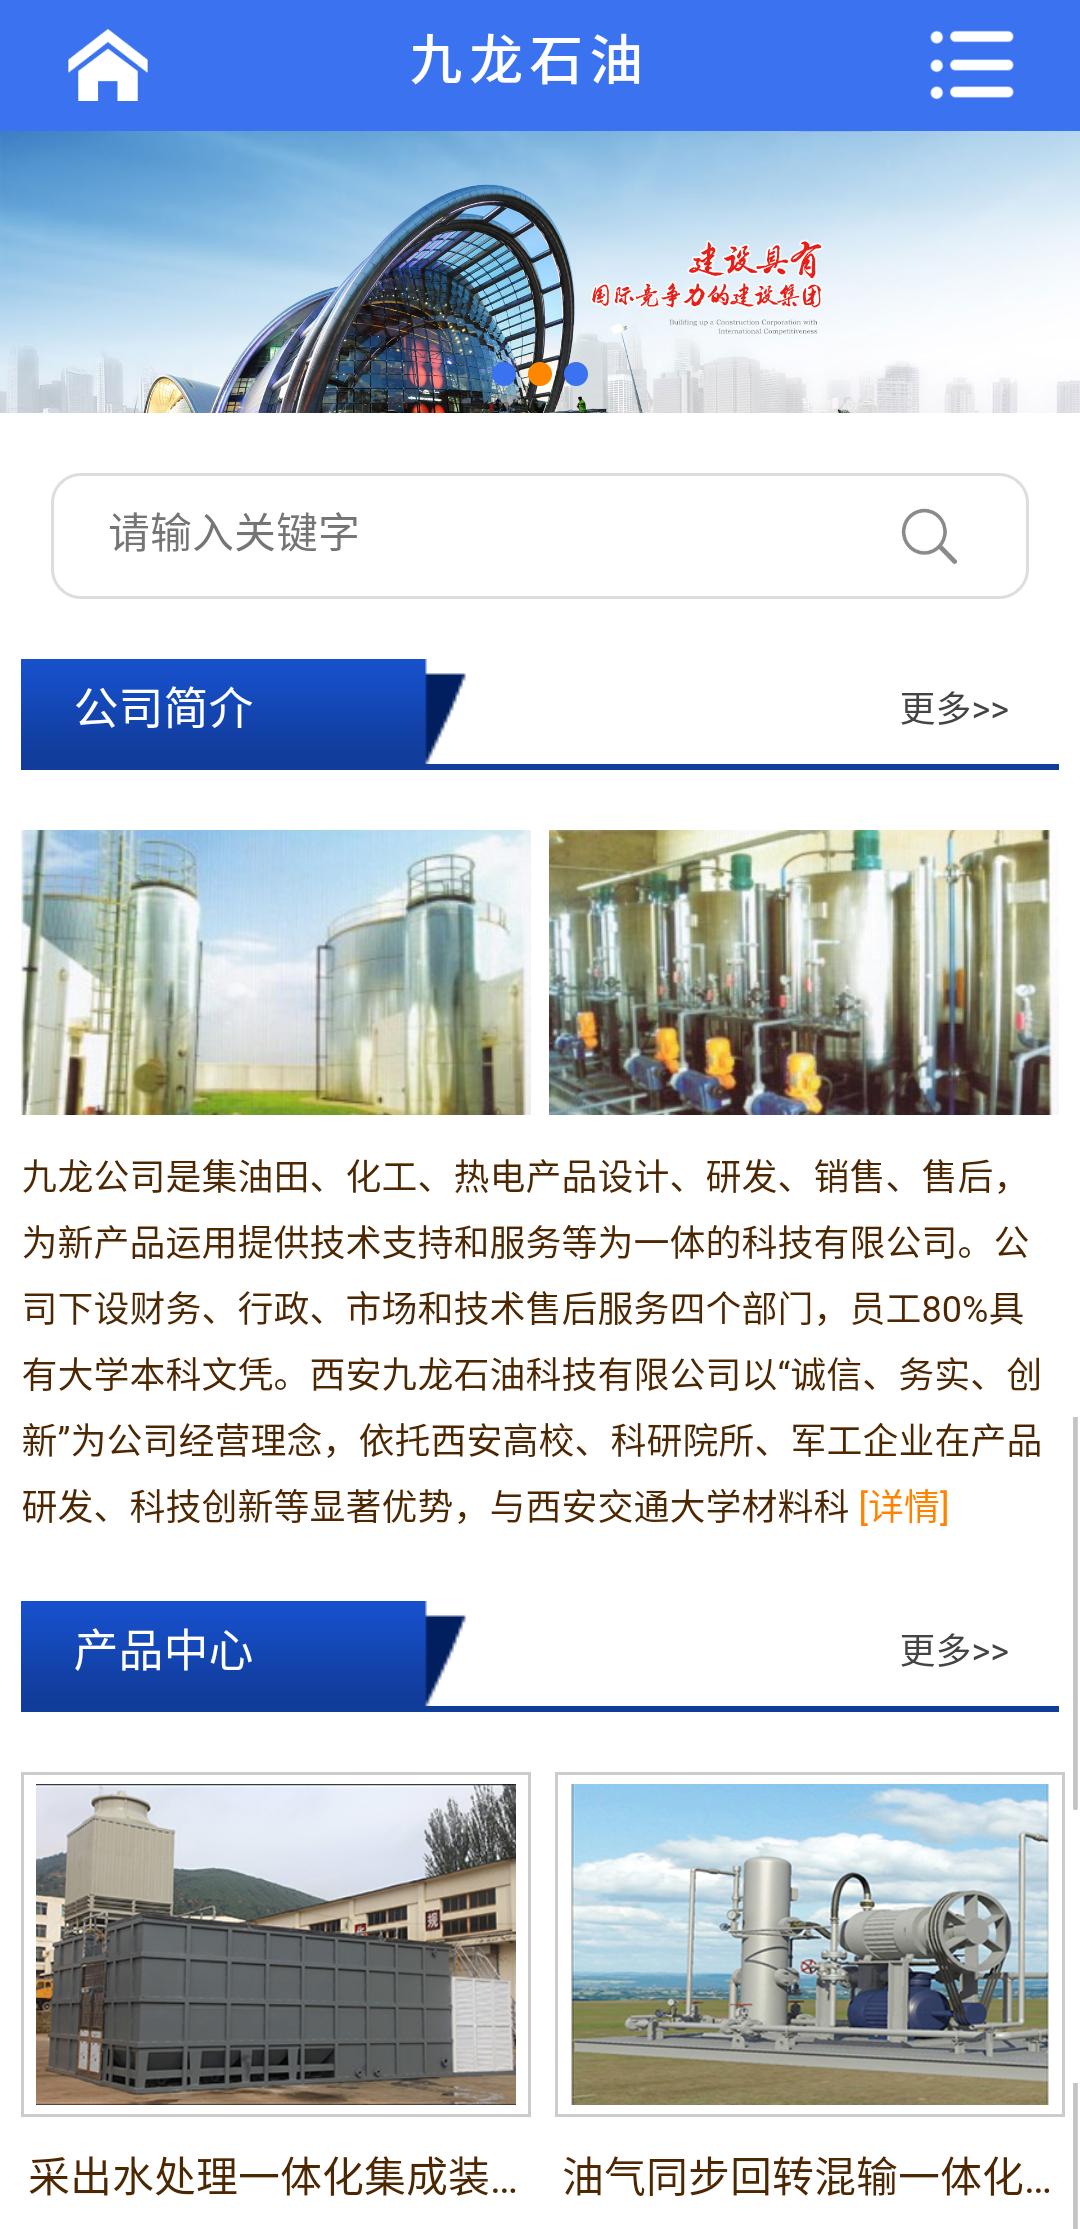 西安九龙石油科技有限公司